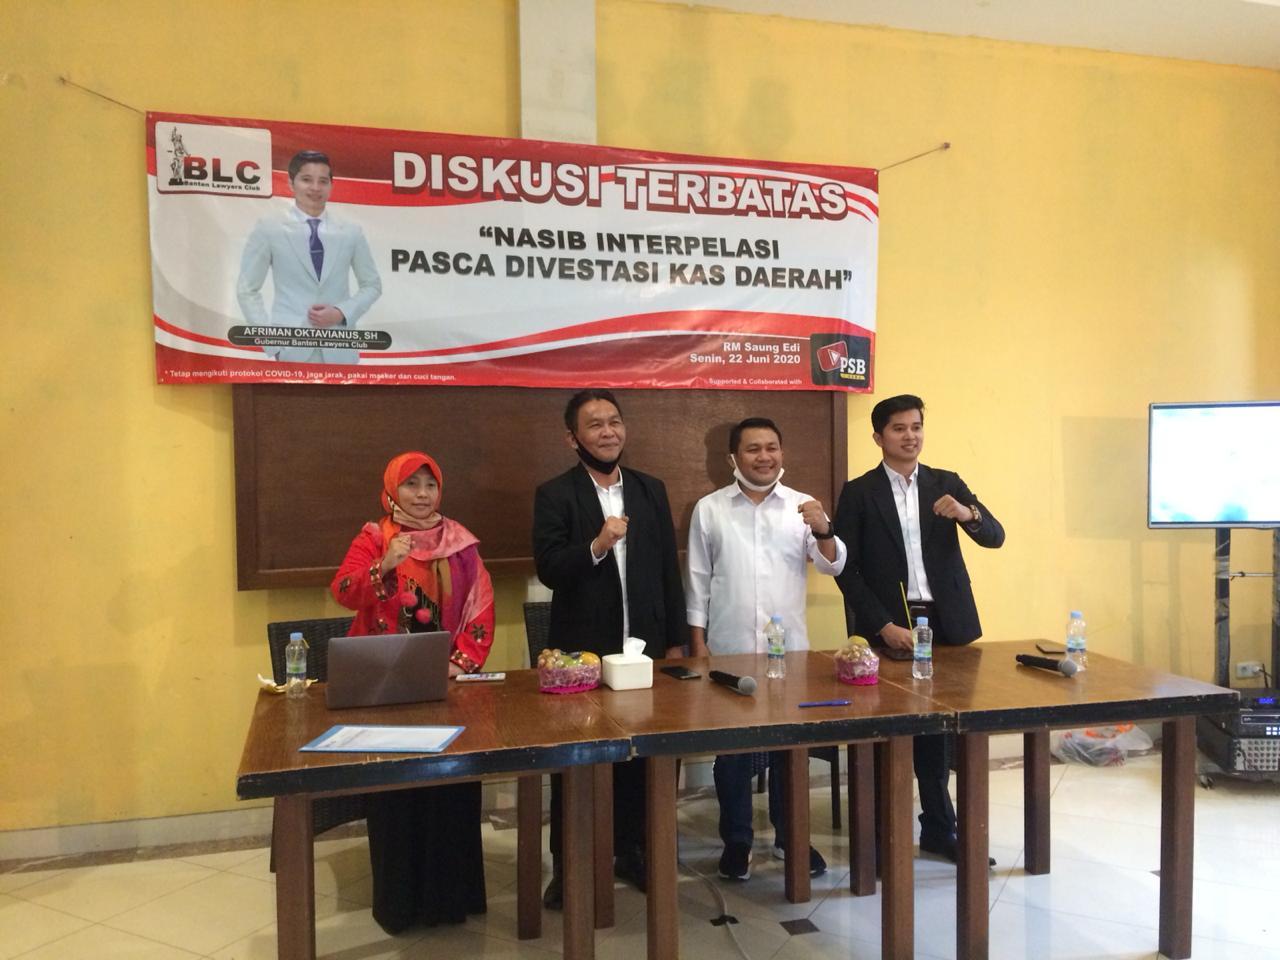 Opsi Konversi Kasda Jadi Modal Bank Banten Sukses Redam Wacana Interpelasi